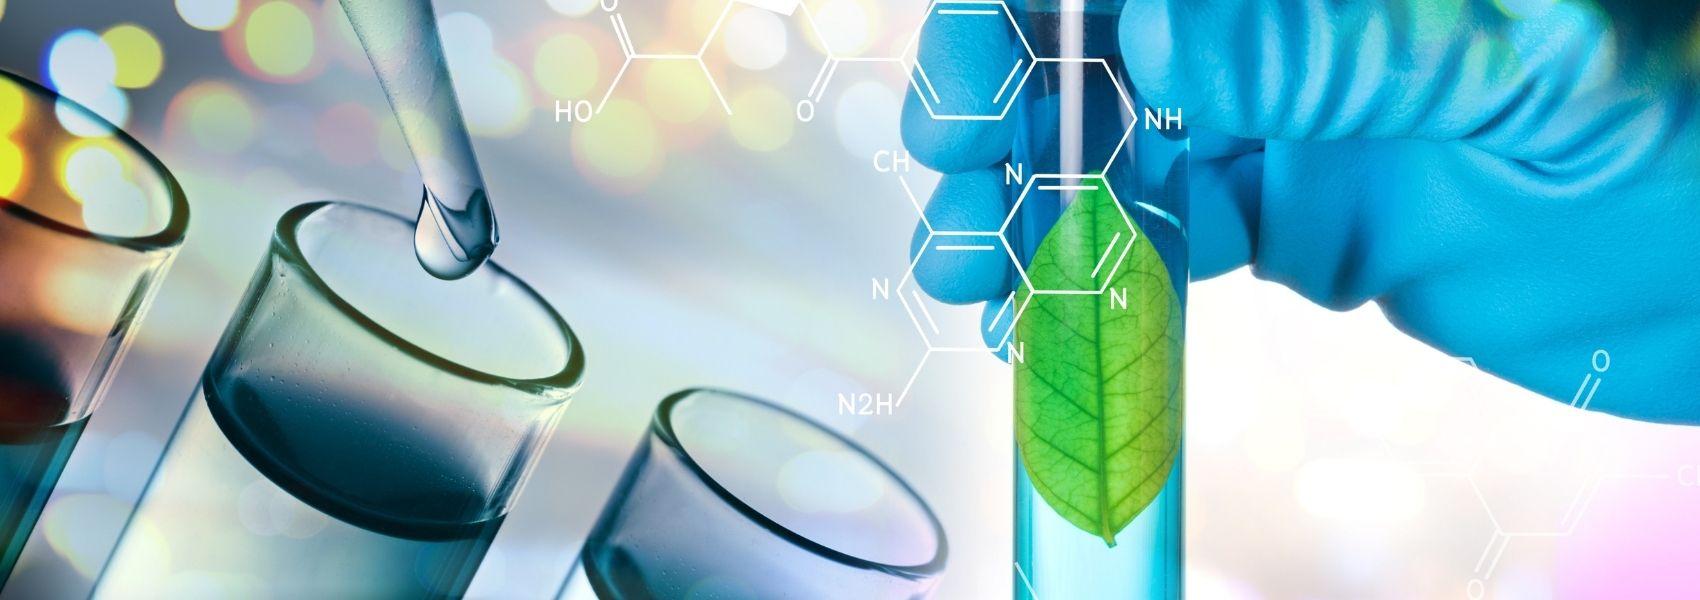 60% das empresas de biotecnologia de Portugal dedicam-se à saúde